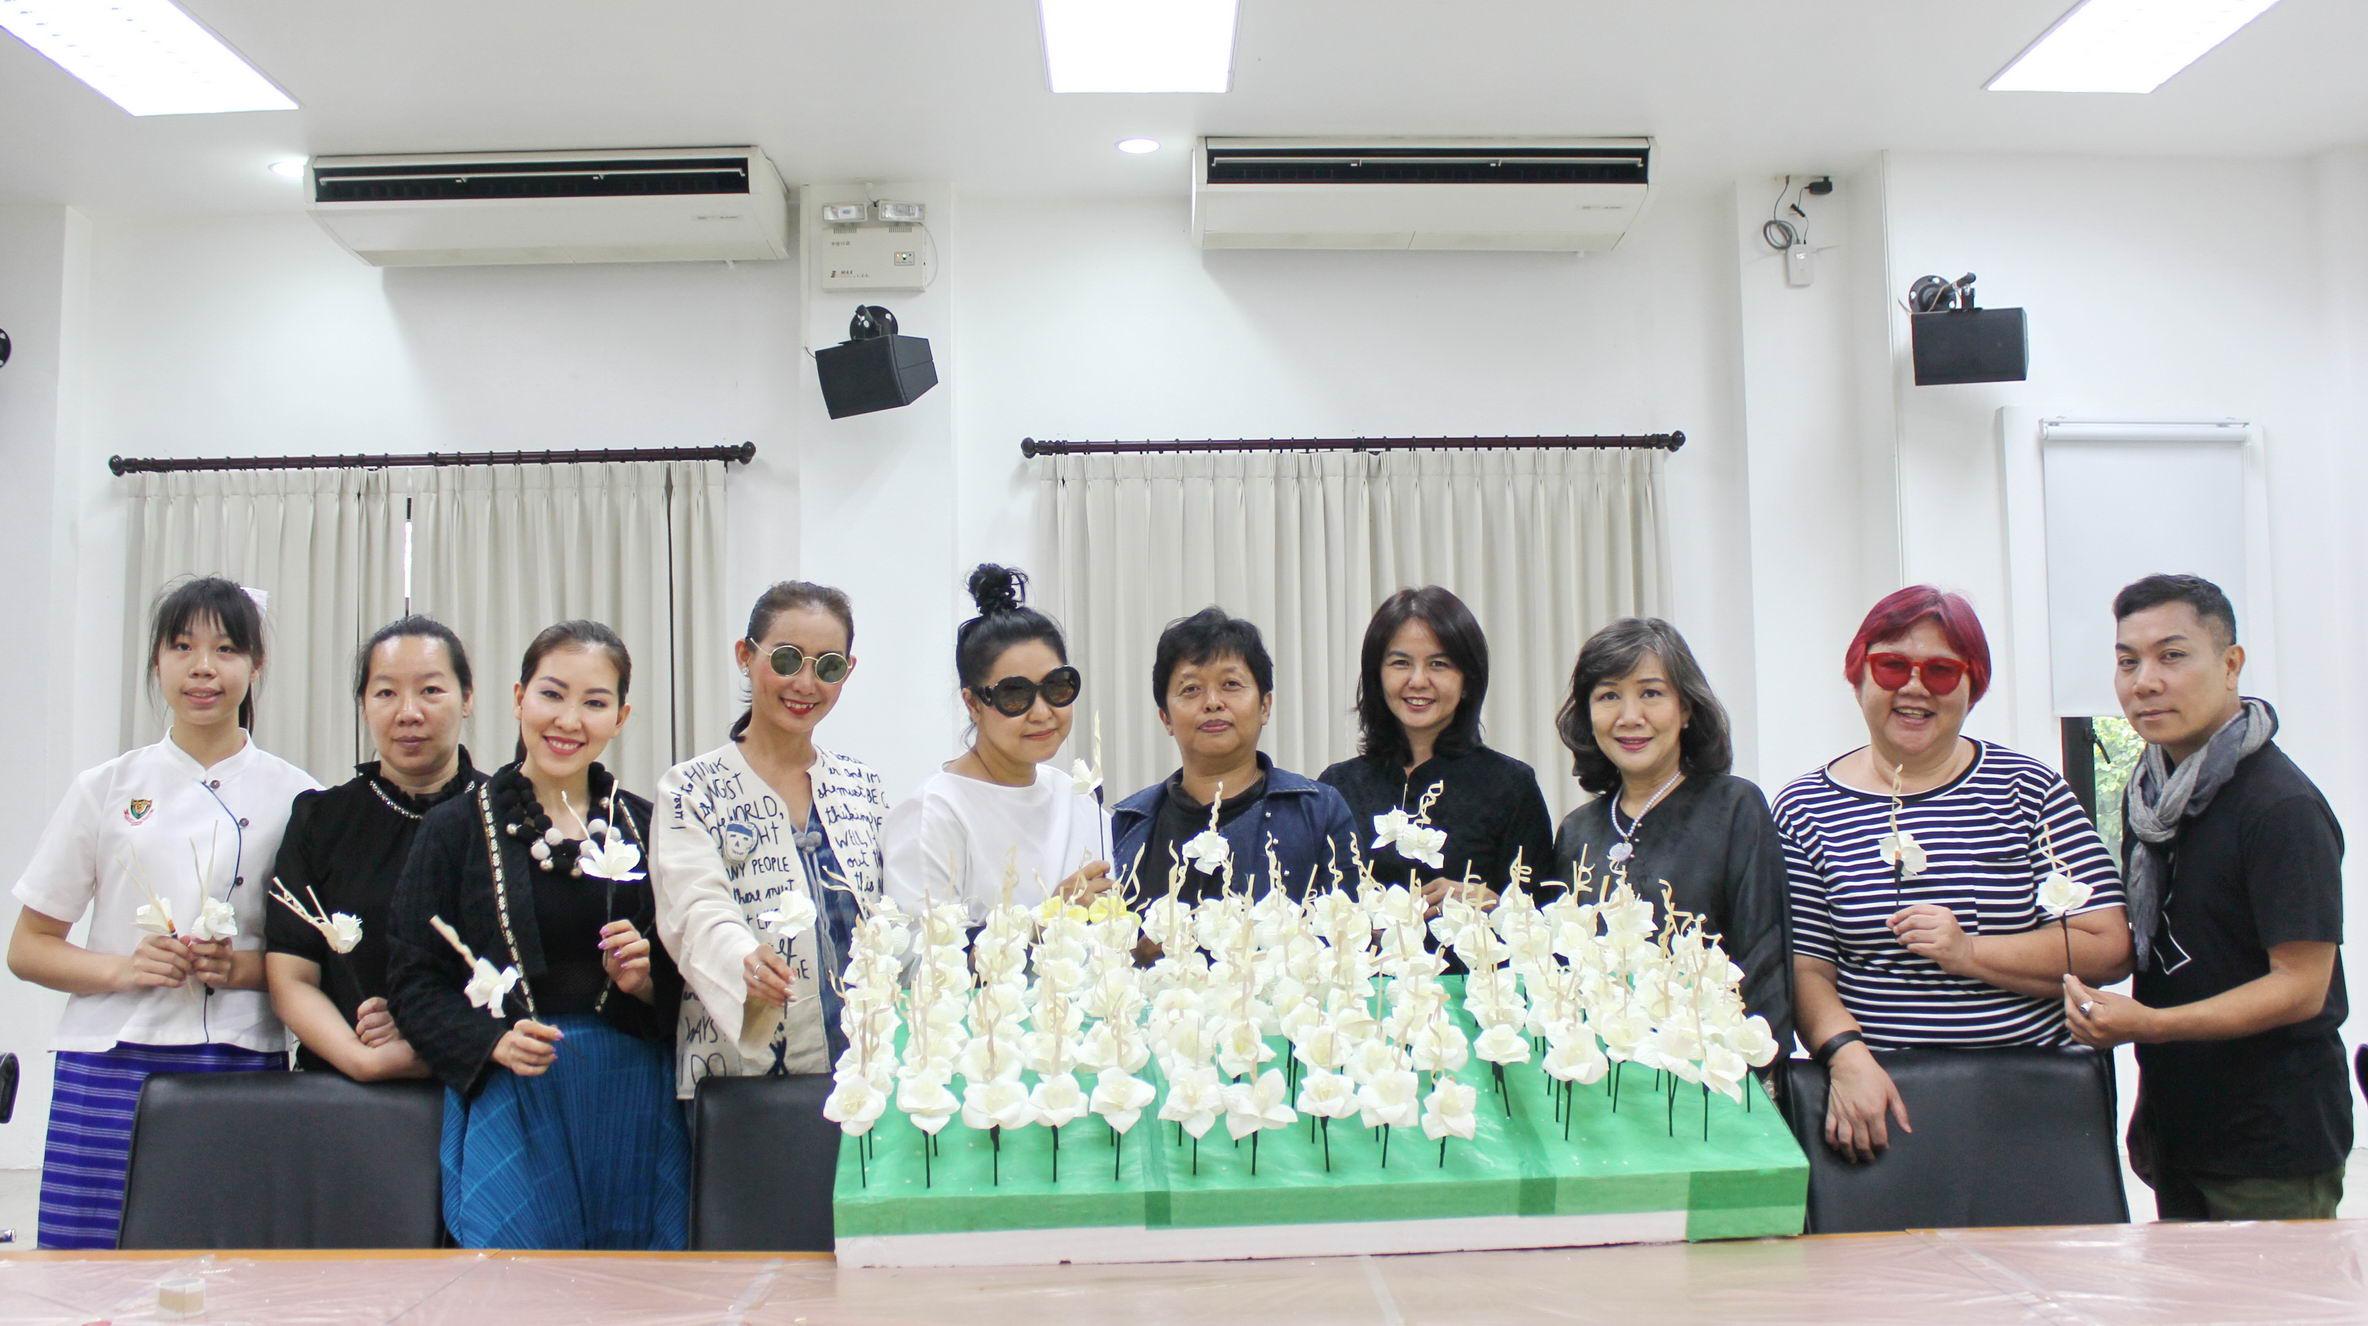 ร่วมประดิษฐ์ดอกไม้จันทน์ (ดอกดารารัตน์) เพื่อทูลเกล้าฯ ถวายในงานราชพิธีถวายพระเพลิงพระบรมศพ พระบาทสมเด็จพระปรมินทรมหาภูมิพลอดุลยเดช บรมนาถบพิตร เมื่อวันที่ 21 กรกฎาคม 2560